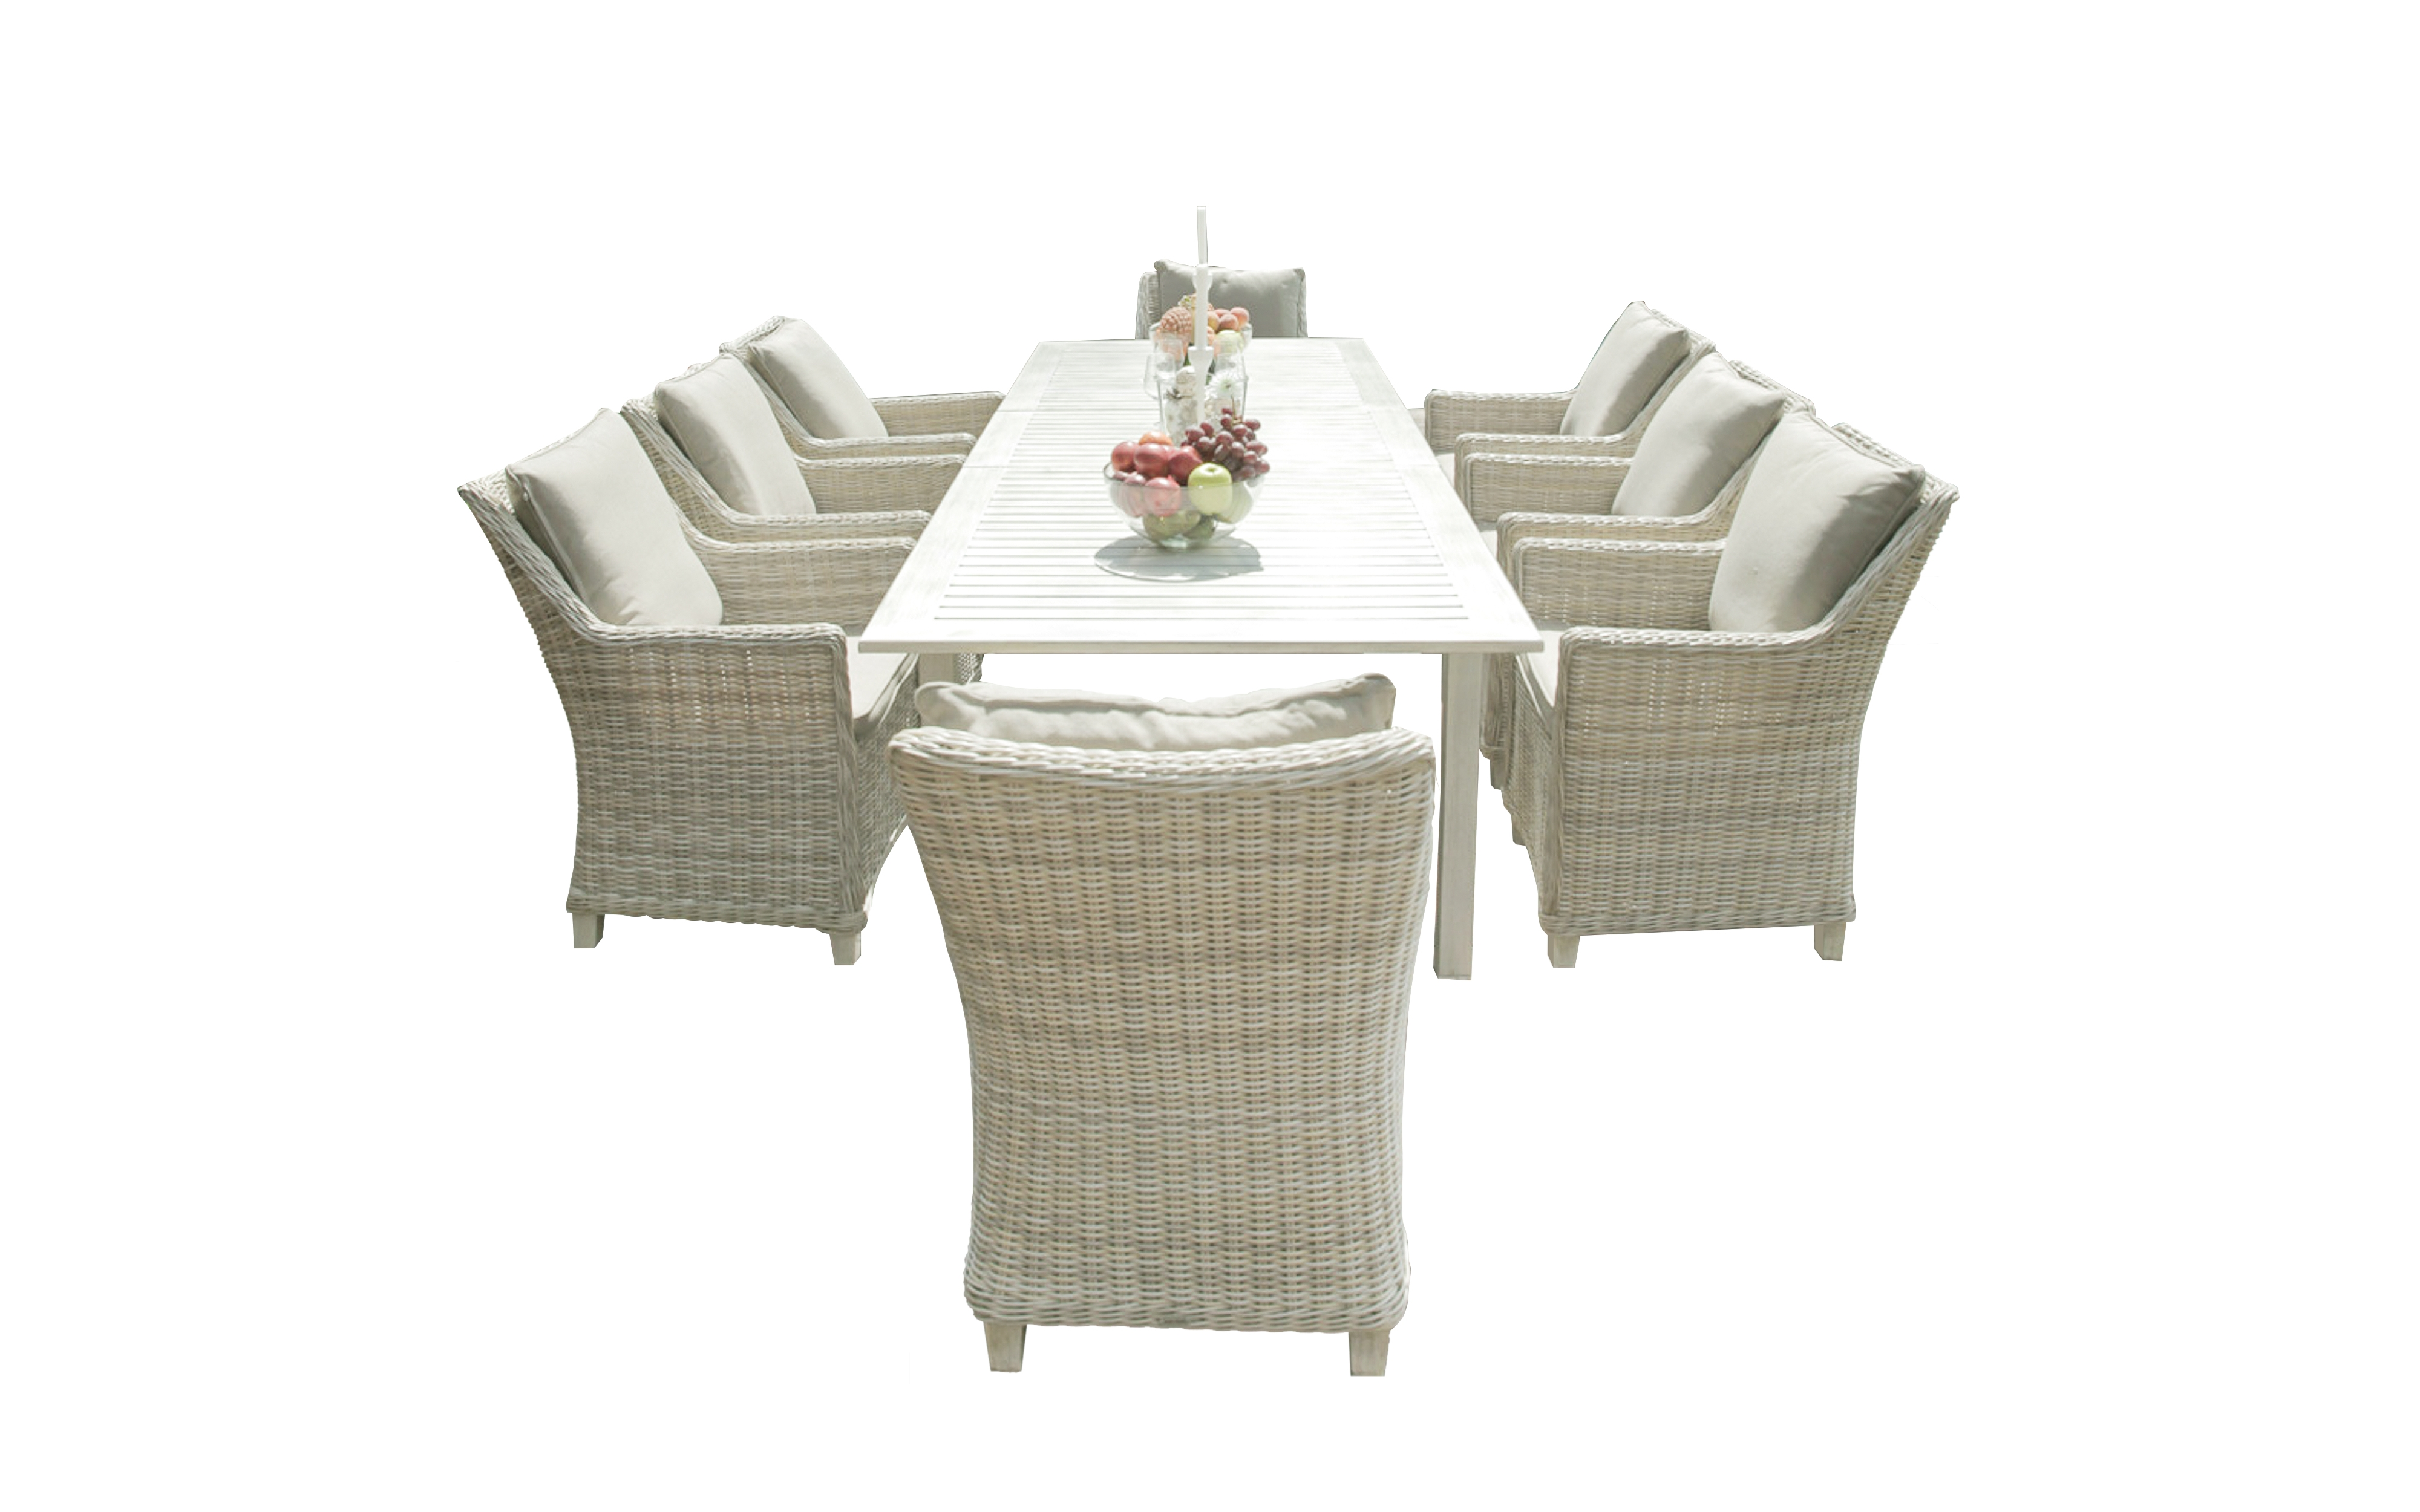 Комплект мебели из ротанга ТОСКАНАКомплекты уличной мебели<br>&amp;lt;div&amp;gt;Стильный большой &amp;amp;nbsp;комплект мебели из ротанга ТОСКАНА - отличный выбор для летних веранд, садовых площадок, также удачно впишется в интерьер загородного дома или дачи. Особенность обеденной группы ТОСКАНА в том, что такой функциональной мебели нипочем капризы природы. Каркасы в комплекте мебели укреплены алюминиевыми стойками, которые полностью обтянуты плетением из ротанга. Представленный набор мебели изготовлен из экологически чистых материалов, рассчитан на длительное использование на открытом воздухе!&amp;lt;/div&amp;gt;&amp;lt;div&amp;gt;&amp;lt;b&amp;gt;В комплект входит:&amp;lt;/b&amp;gt;&amp;lt;/div&amp;gt;&amp;lt;div&amp;gt;раскладывающийся большой, но ЛЕГКИЙ &amp;lt;b&amp;gt;стол&amp;lt;/b&amp;gt;, материал поливуд - искусственное дерево,&amp;lt;/div&amp;gt;&amp;lt;div&amp;gt;&amp;lt;b&amp;gt;восемь удобных кресел&amp;lt;/b&amp;gt; из ротанга, дополненных мягкими подушками.&amp;amp;nbsp;&amp;lt;/div&amp;gt;&amp;lt;div&amp;gt;По желанию можно добавить еще два кресла, что обеспечит эстетическое удовольствие и комфорт для отдыха большой семье или компании.&amp;amp;nbsp;&amp;lt;/div&amp;gt;&amp;lt;div&amp;gt;Размеры мебели ТОСКАНА&amp;lt;/div&amp;gt;&amp;lt;div&amp;gt;Стол: 217/277*100*75,5 см&amp;amp;nbsp;&amp;lt;/div&amp;gt;&amp;lt;div&amp;gt;Стол: материал поливуд (искусственное дерево)&amp;lt;/div&amp;gt;&amp;lt;div&amp;gt;Кресло: 62*71*90,5 см&amp;lt;/div&amp;gt;&amp;lt;div&amp;gt;Материал ротанг/алюминий&amp;lt;/div&amp;gt;&amp;lt;div&amp;gt;&amp;lt;br&amp;gt;&amp;lt;/div&amp;gt;<br><br>Material: Ротанг<br>Length см: 277<br>Width см: 100<br>Height см: 75,5